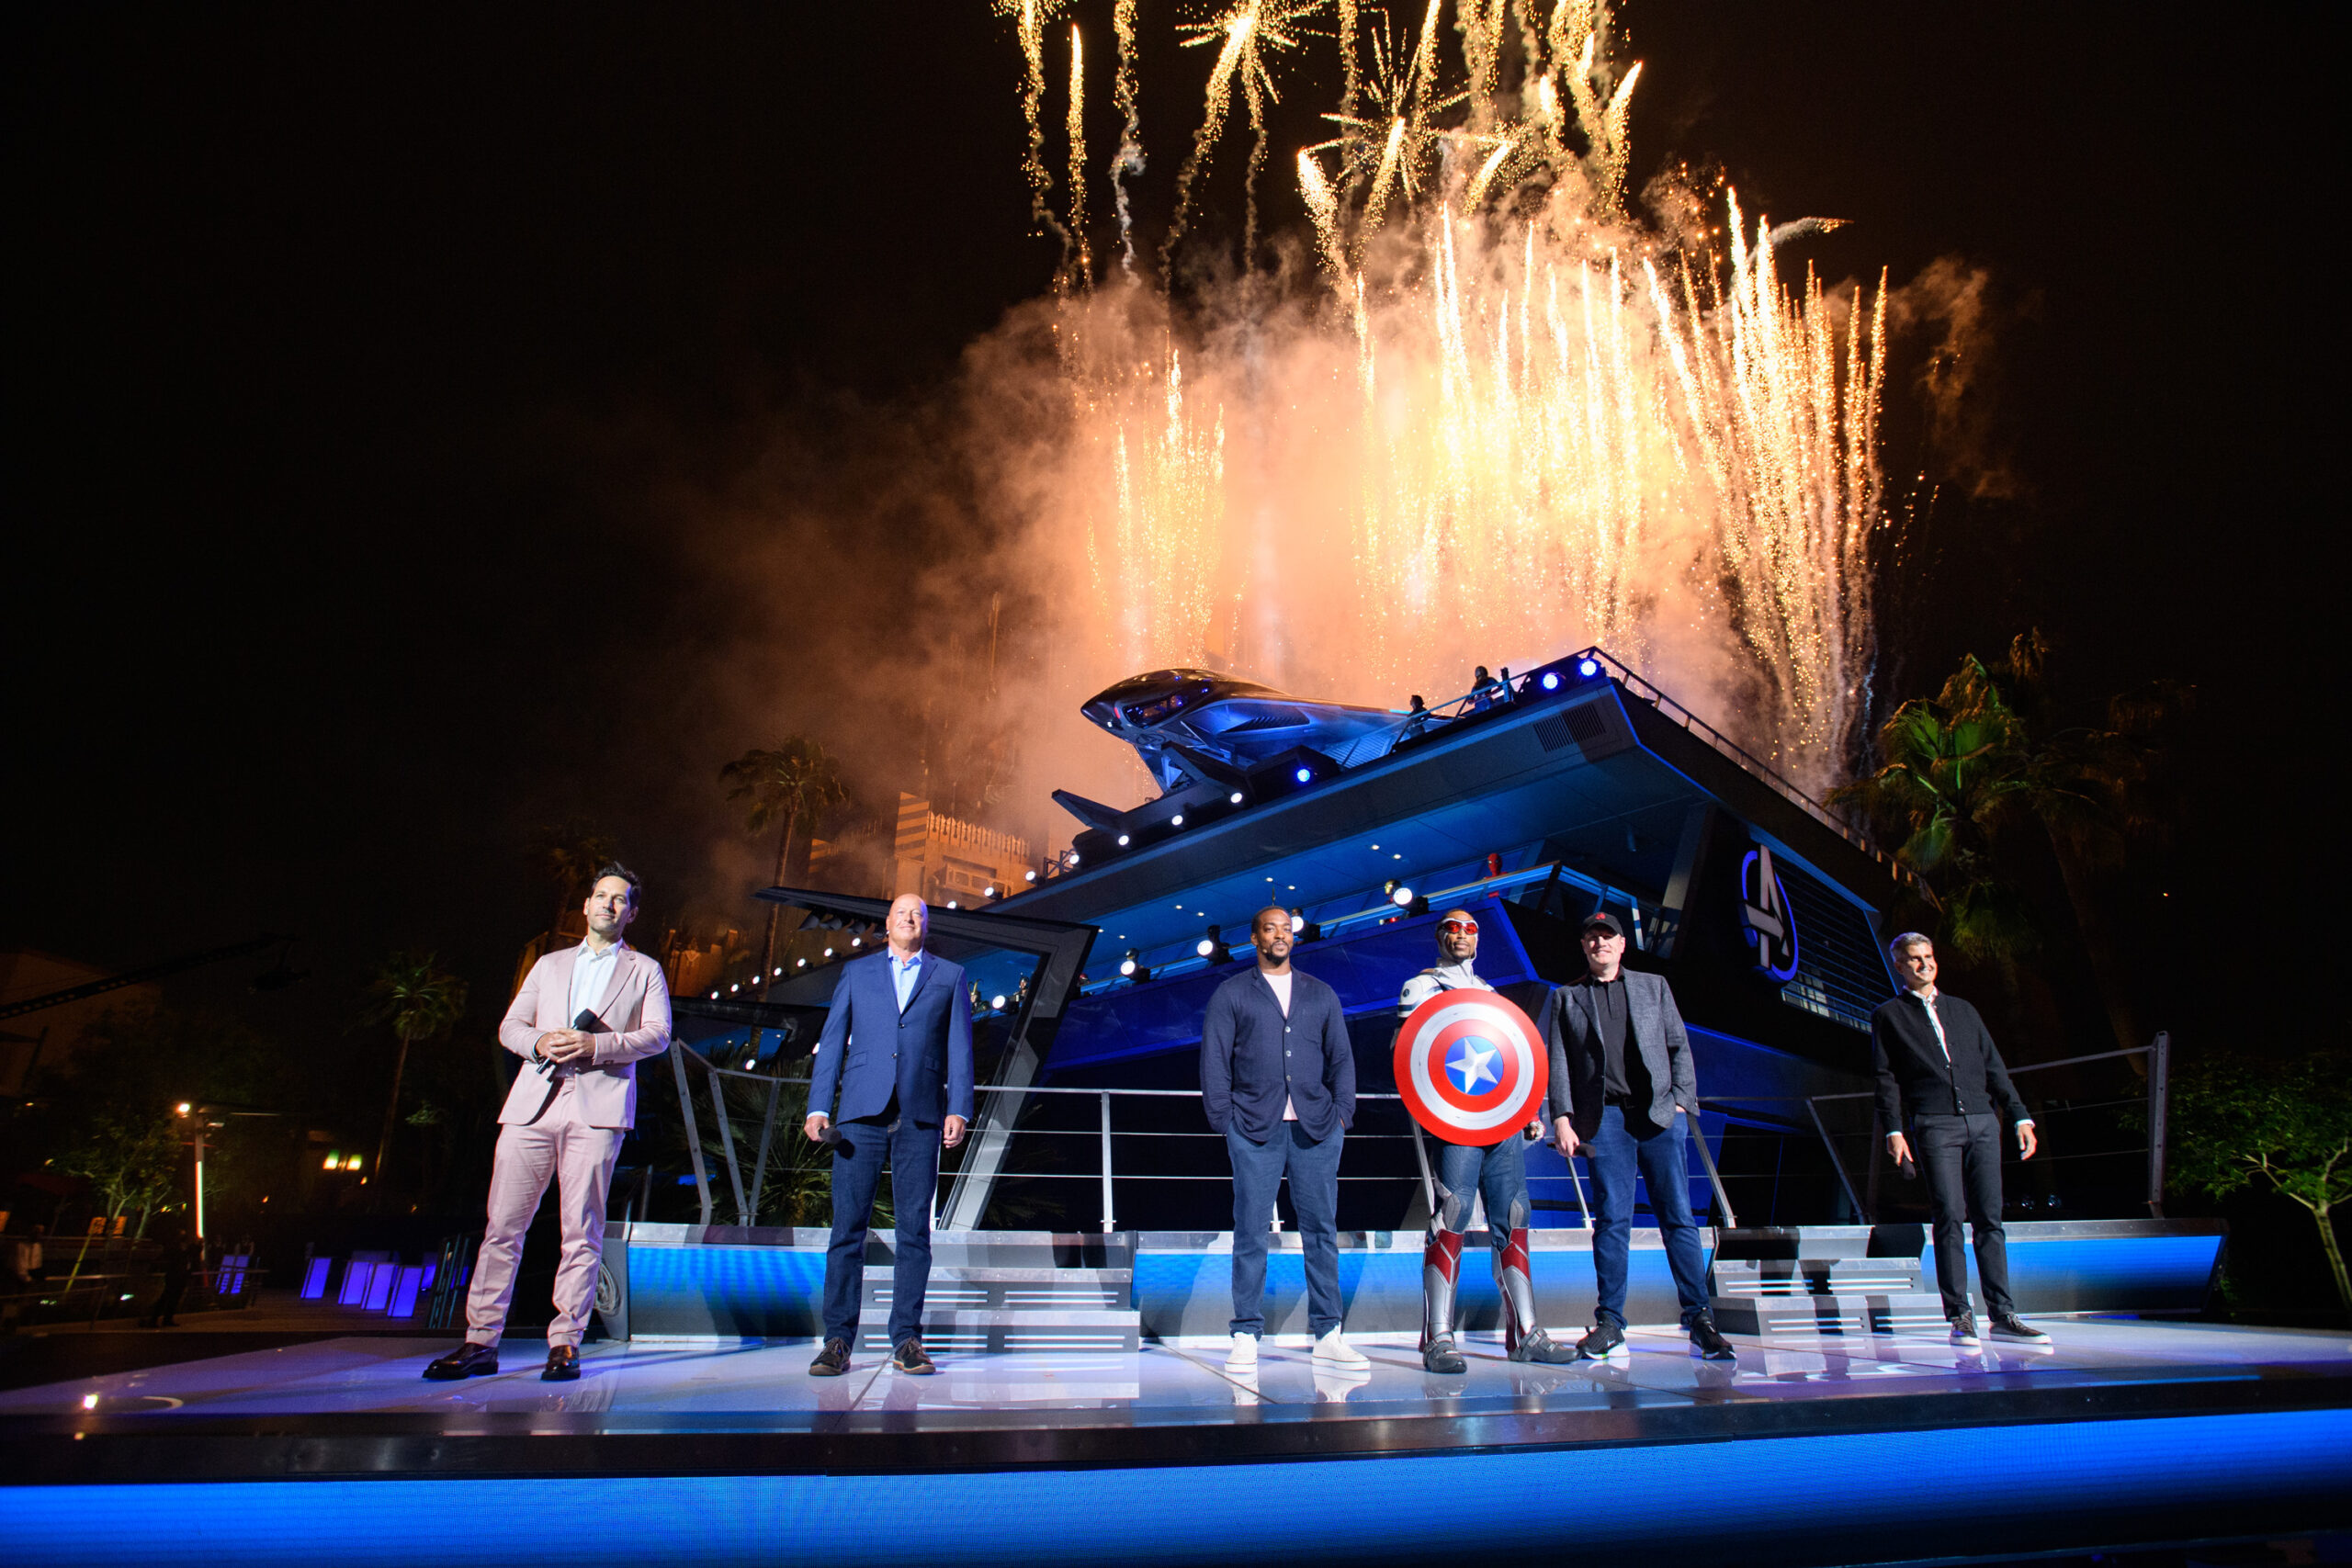 史詩般的盛大開幕儀式——復仇者聯盟園區在迪斯尼加州冒險樂園揭開面紗,該園區將於2021年6月4日在迪斯尼樂園度假村首次亮相!